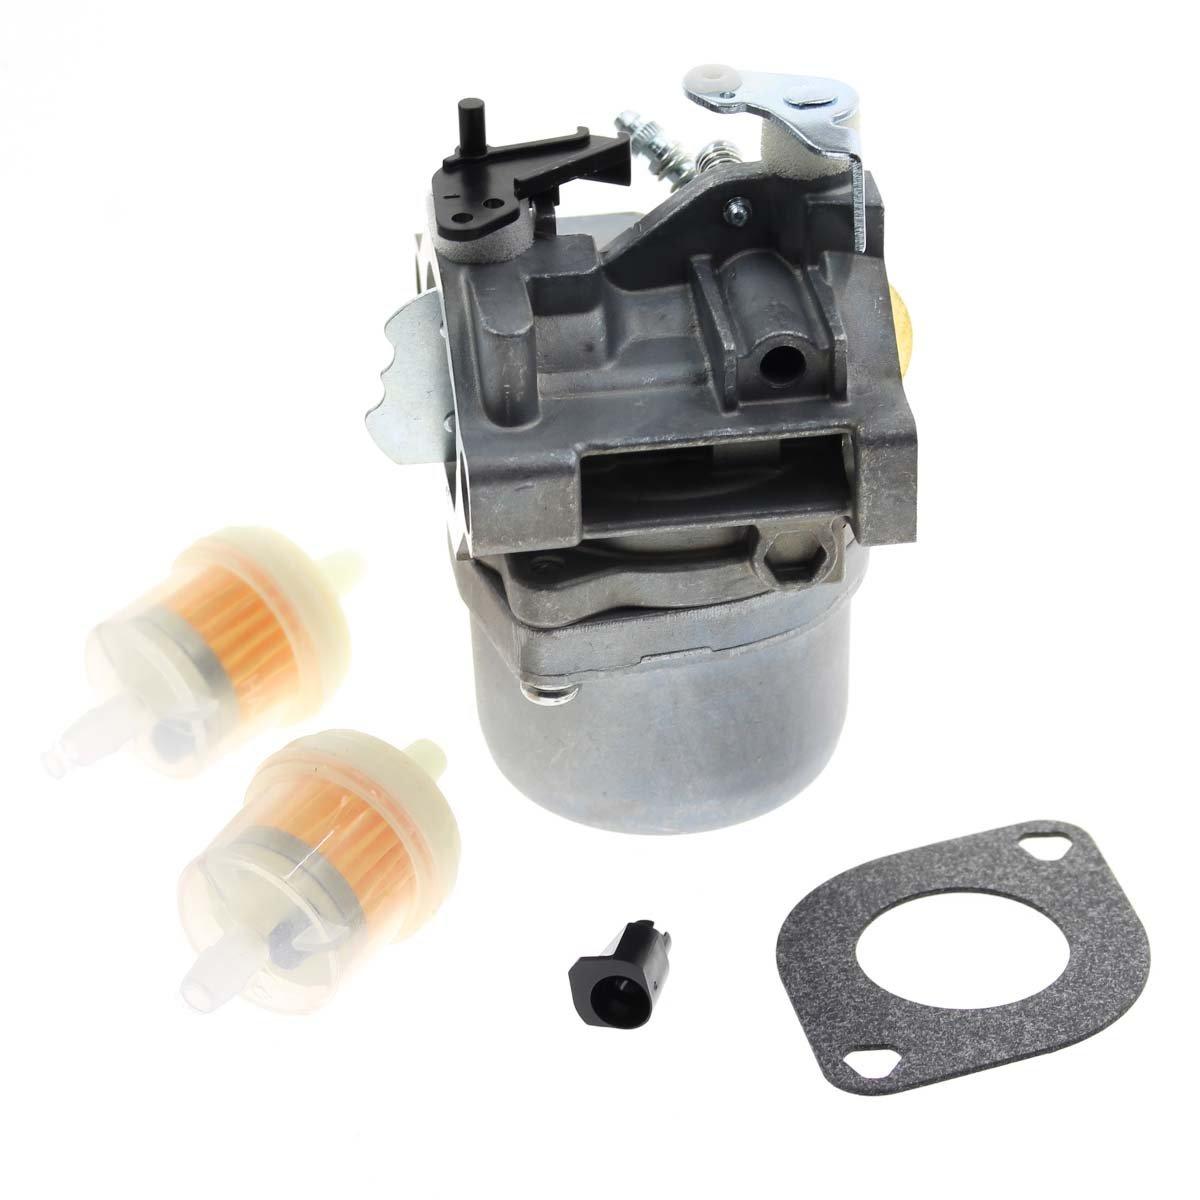 4993/avec Joint de Montage Filtre Carbhub Carburateur pour Briggs /& Stratton Walbro LMT 5